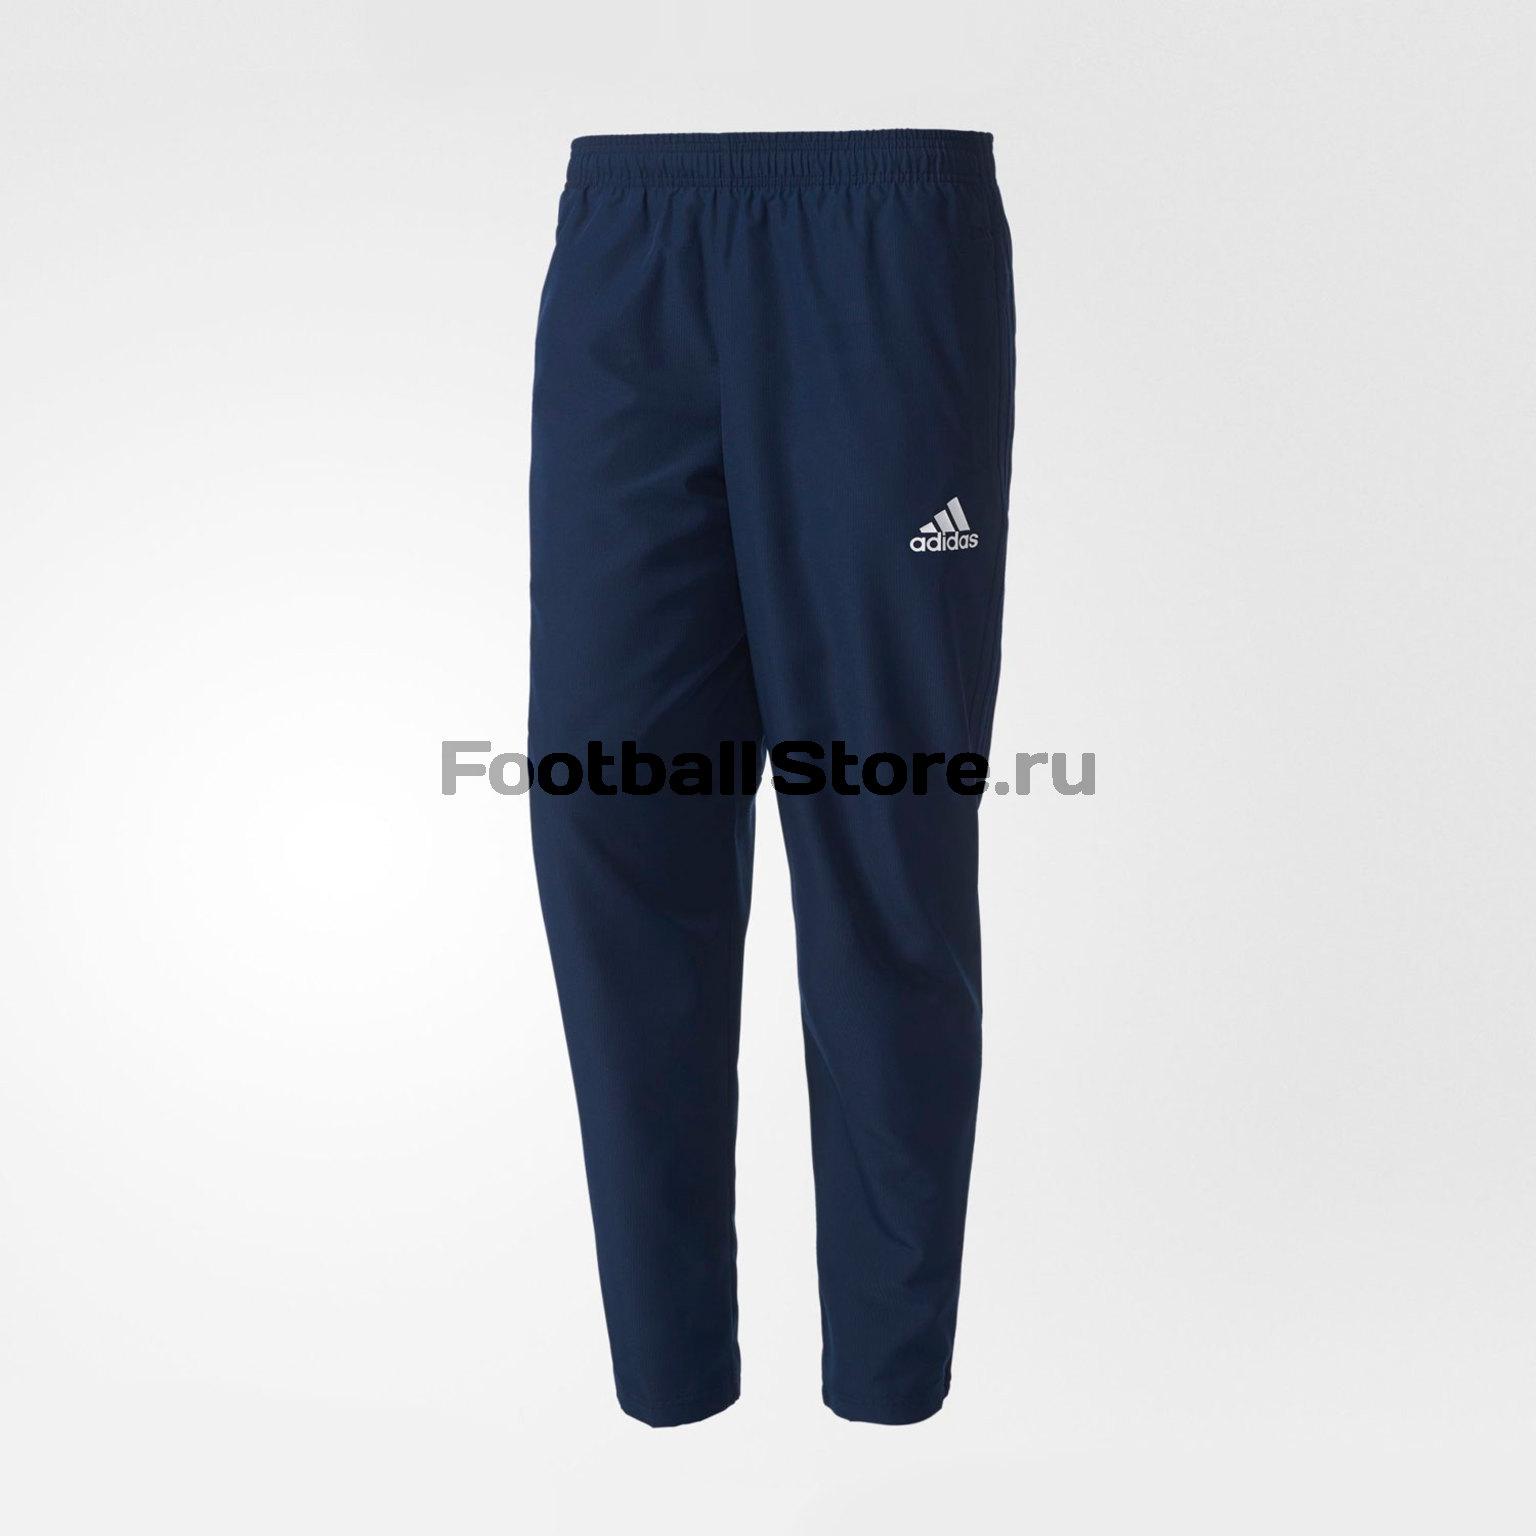 Брюки тренировочные Adidas Tiro17 Wov Pnt BQ2793 брюки adidas брюки тренировочные adidas tiro17 rn pnt ay2896